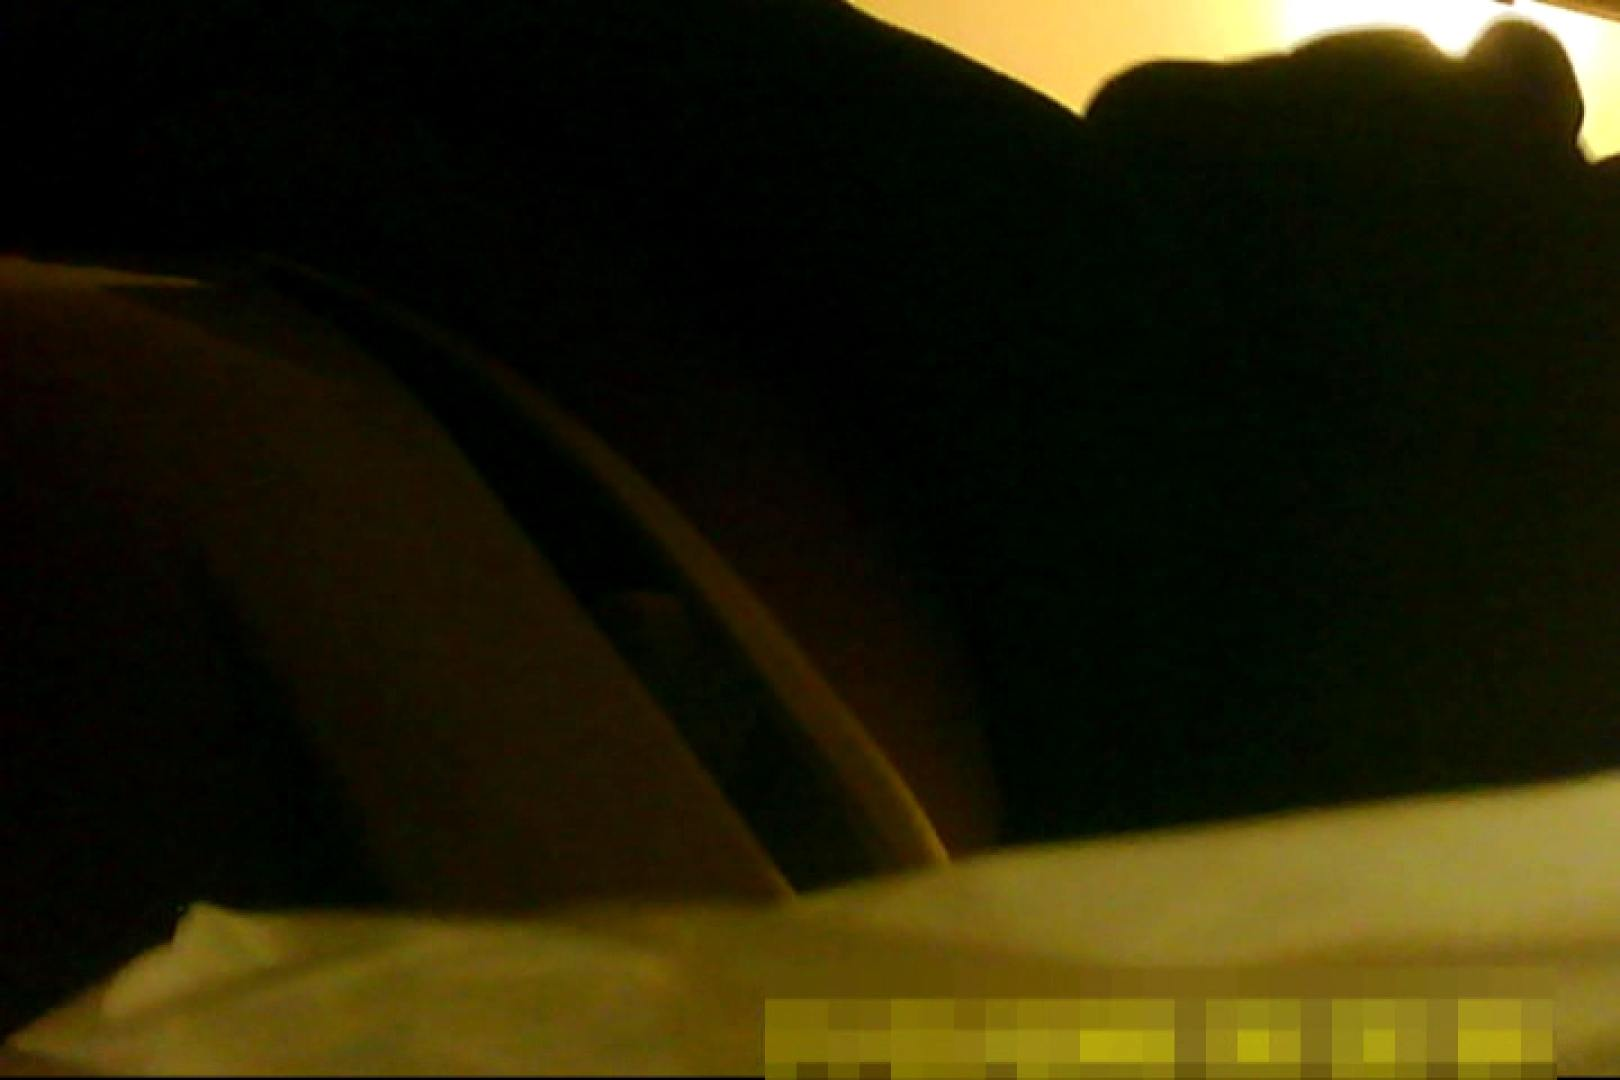 魅惑の化粧室~禁断のプライベート空間~vol.8 熟女丸裸 アダルト動画キャプチャ 91pic 29